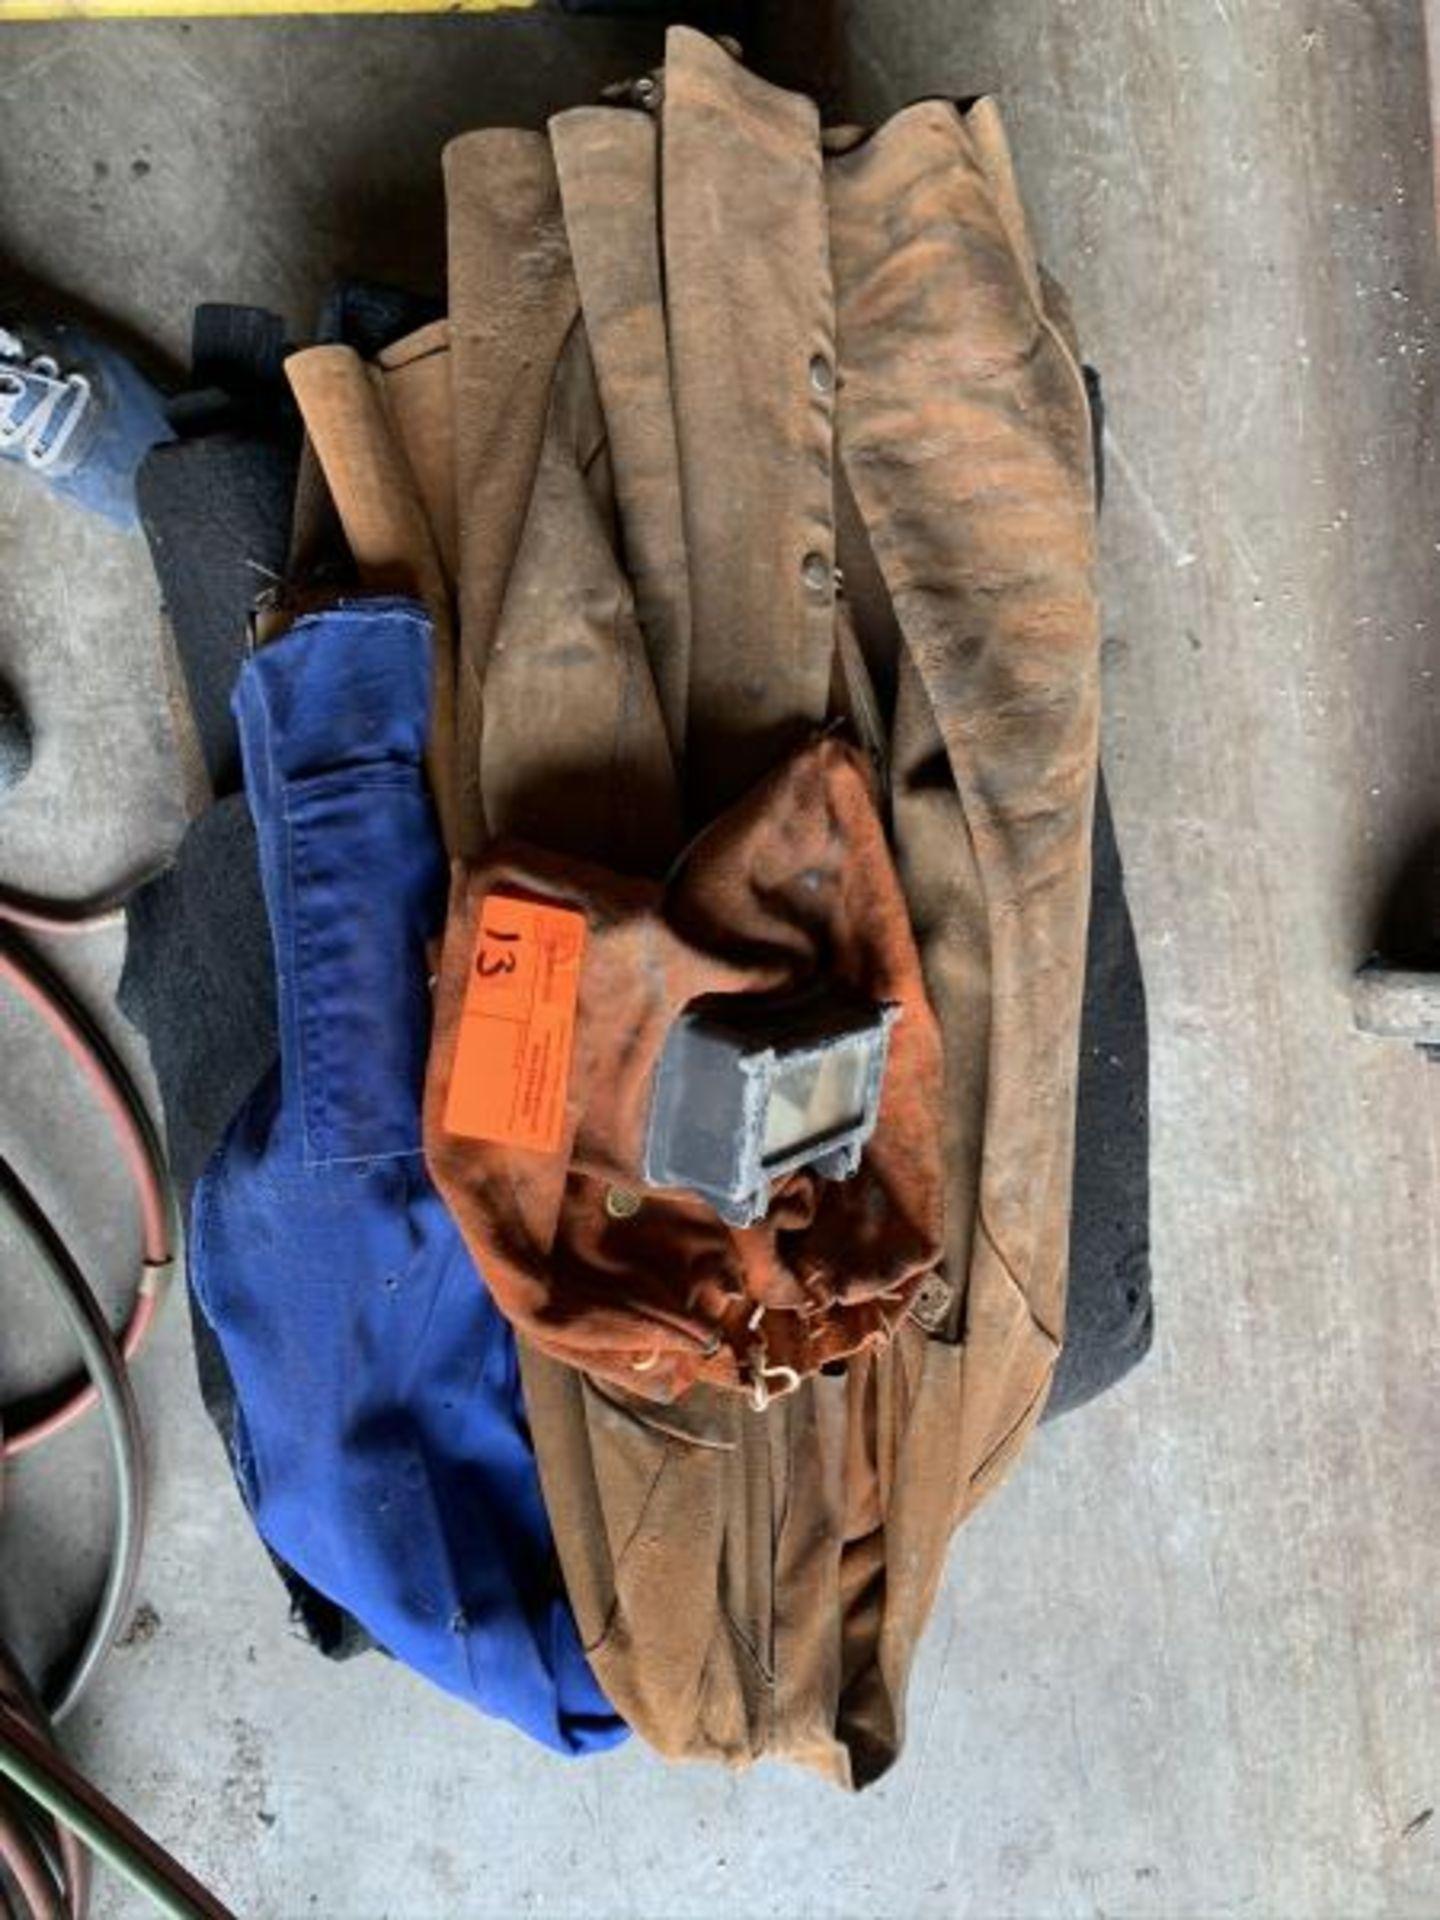 Lot 13 - Leather Welding coat, welding blanket, leather head shield